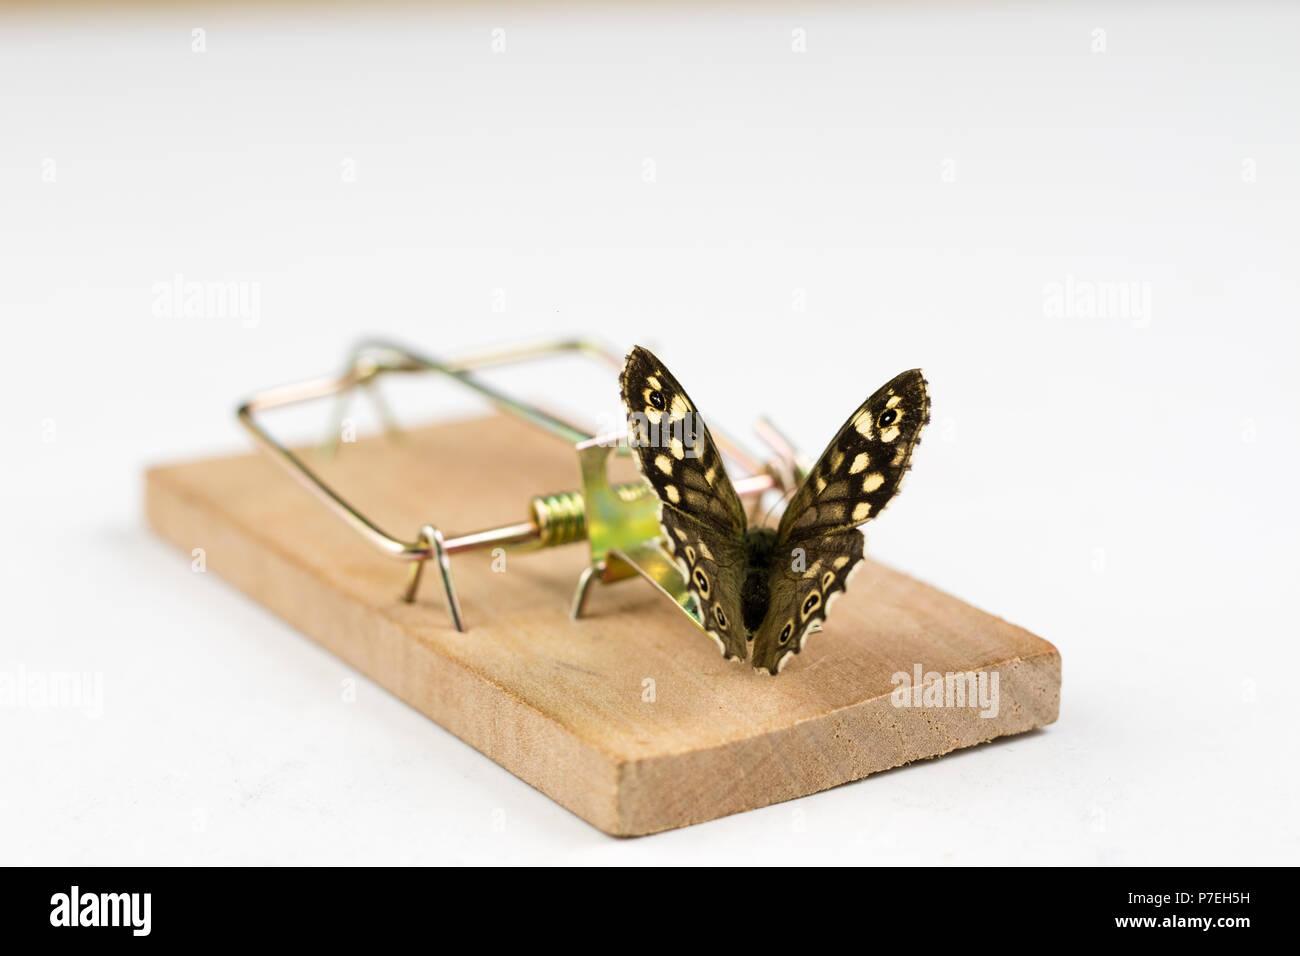 Un mousetrap e una farfalla posata su di esso. Trappola per insetti per metafore. Sfondo bianco. Immagini Stock